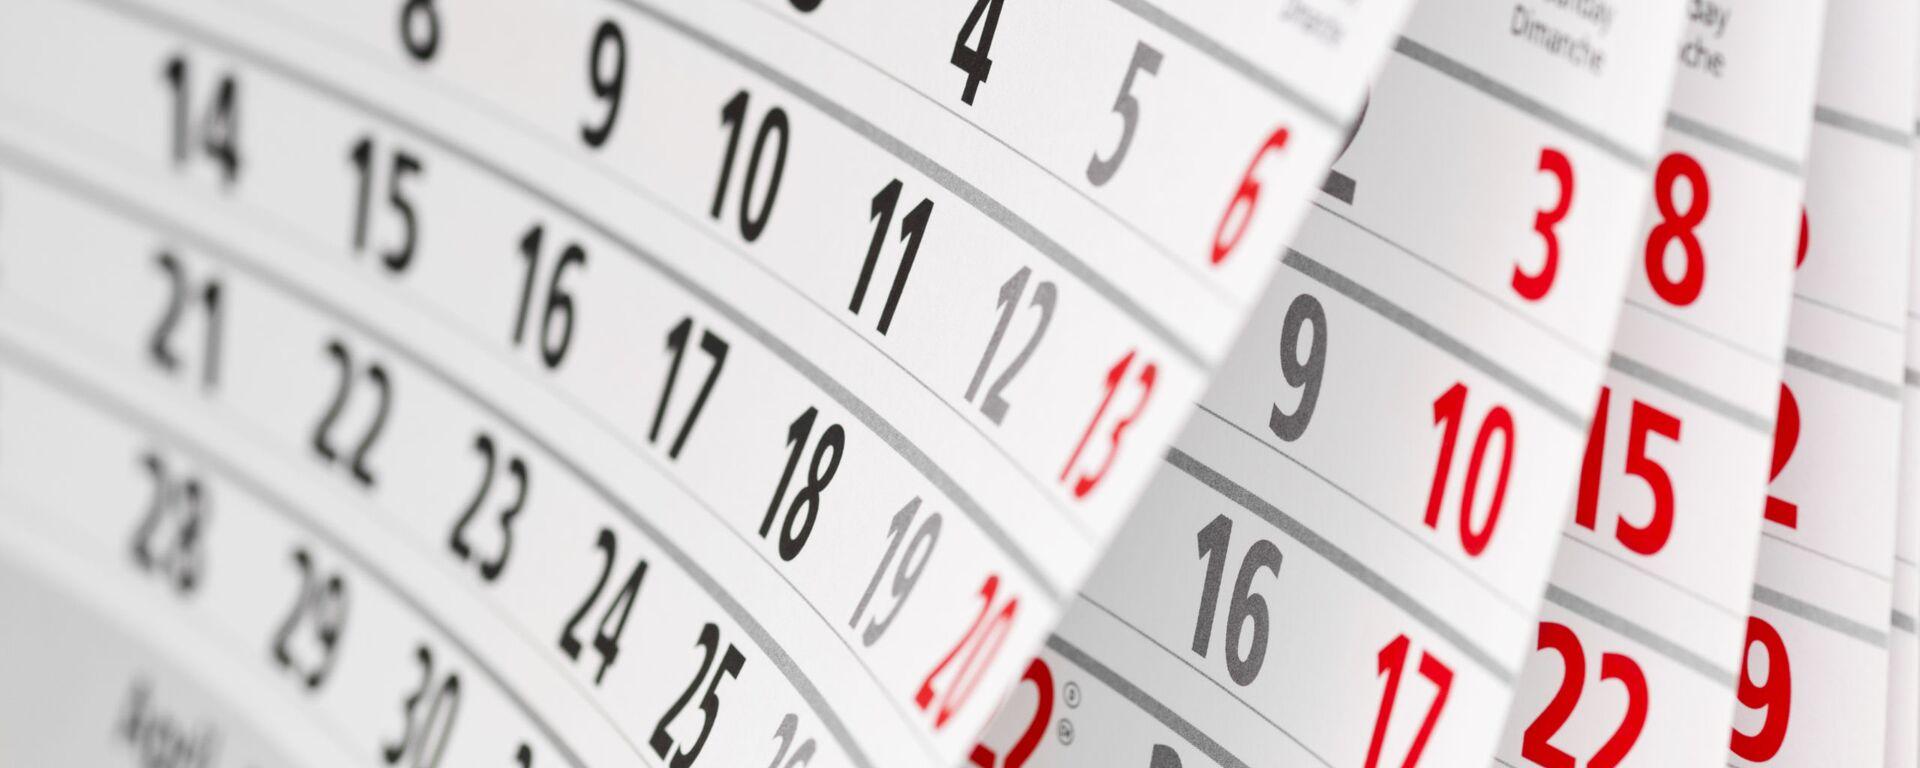 Календарь с числами - Sputnik Узбекистан, 1920, 20.07.2021